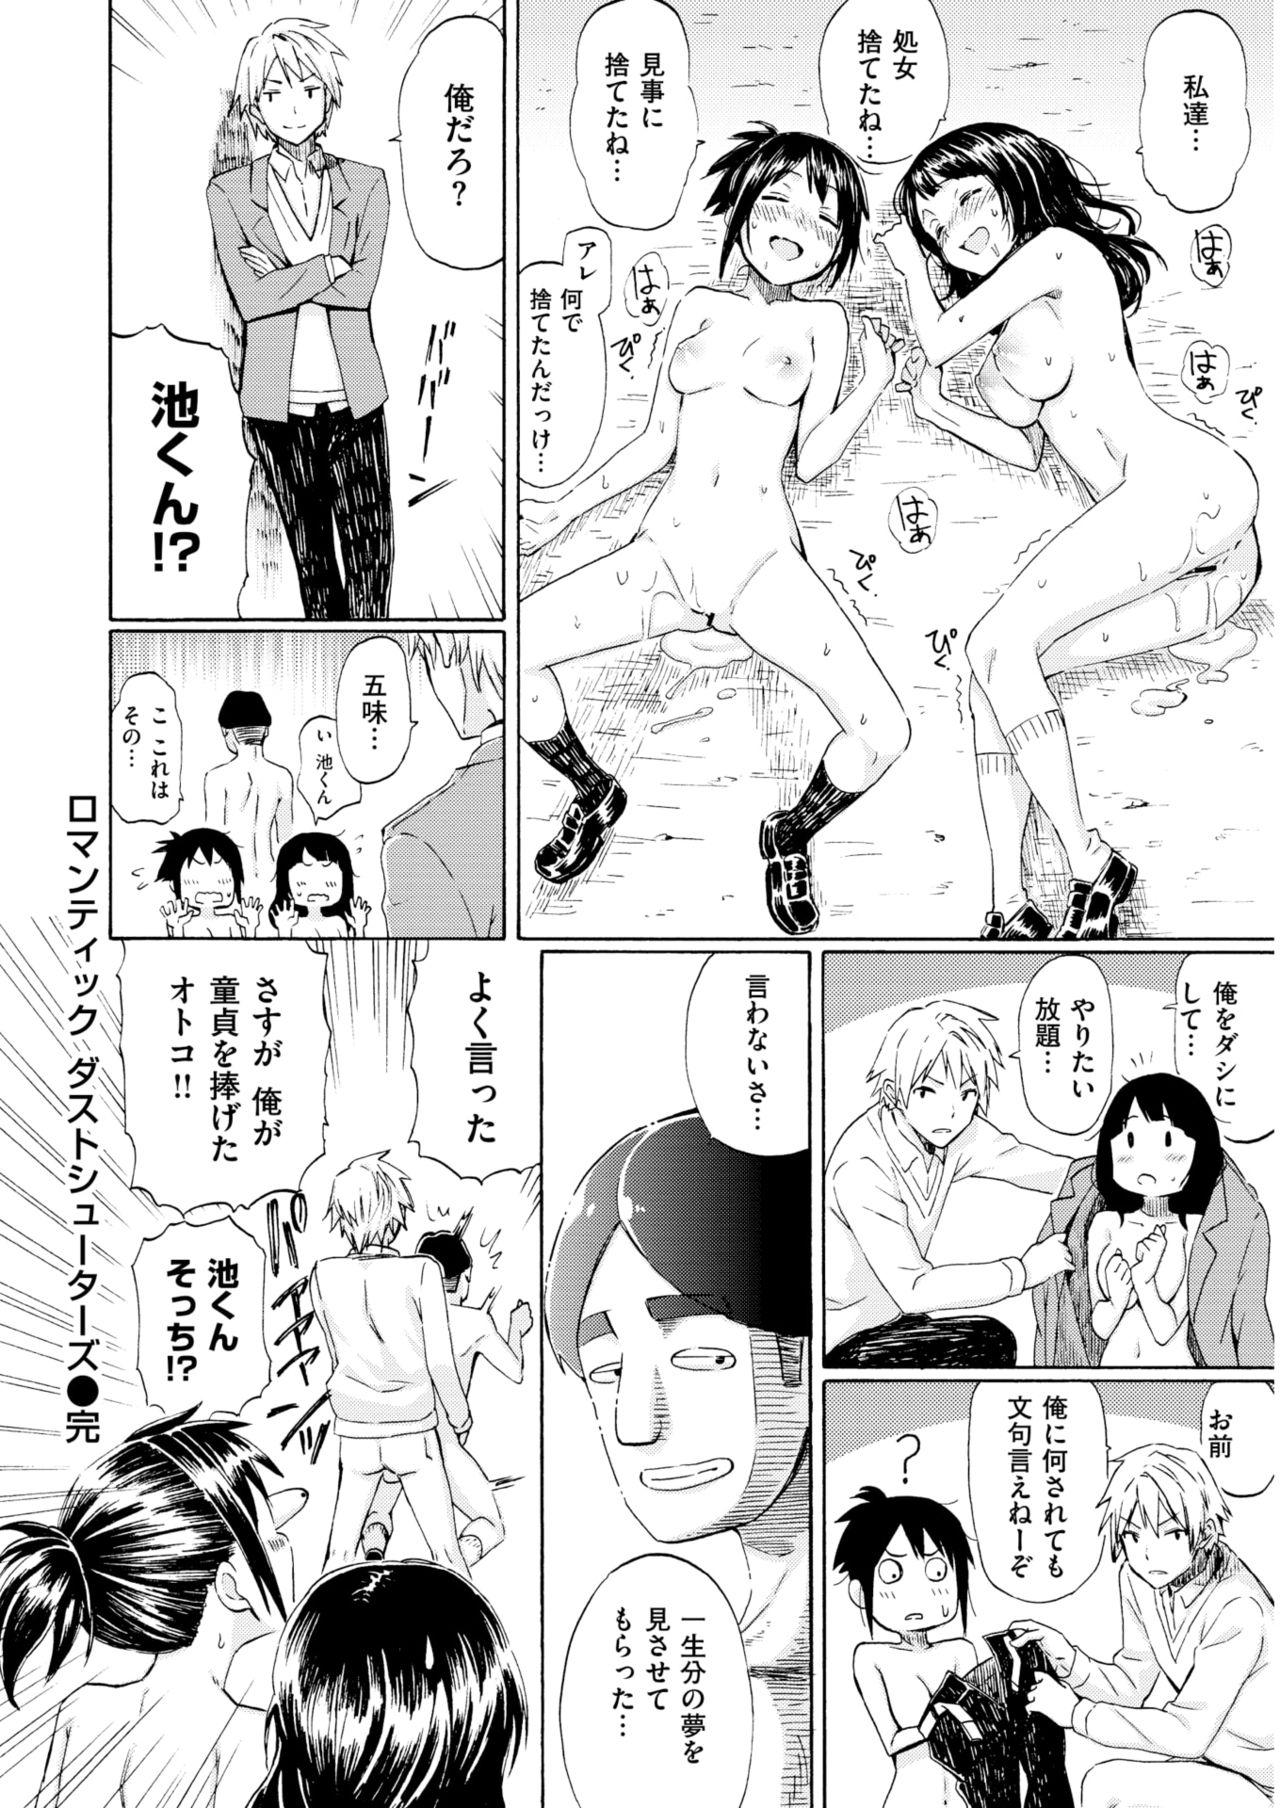 COMIC Kairakuten 25 Shuunen kinen tokubetsugou 390